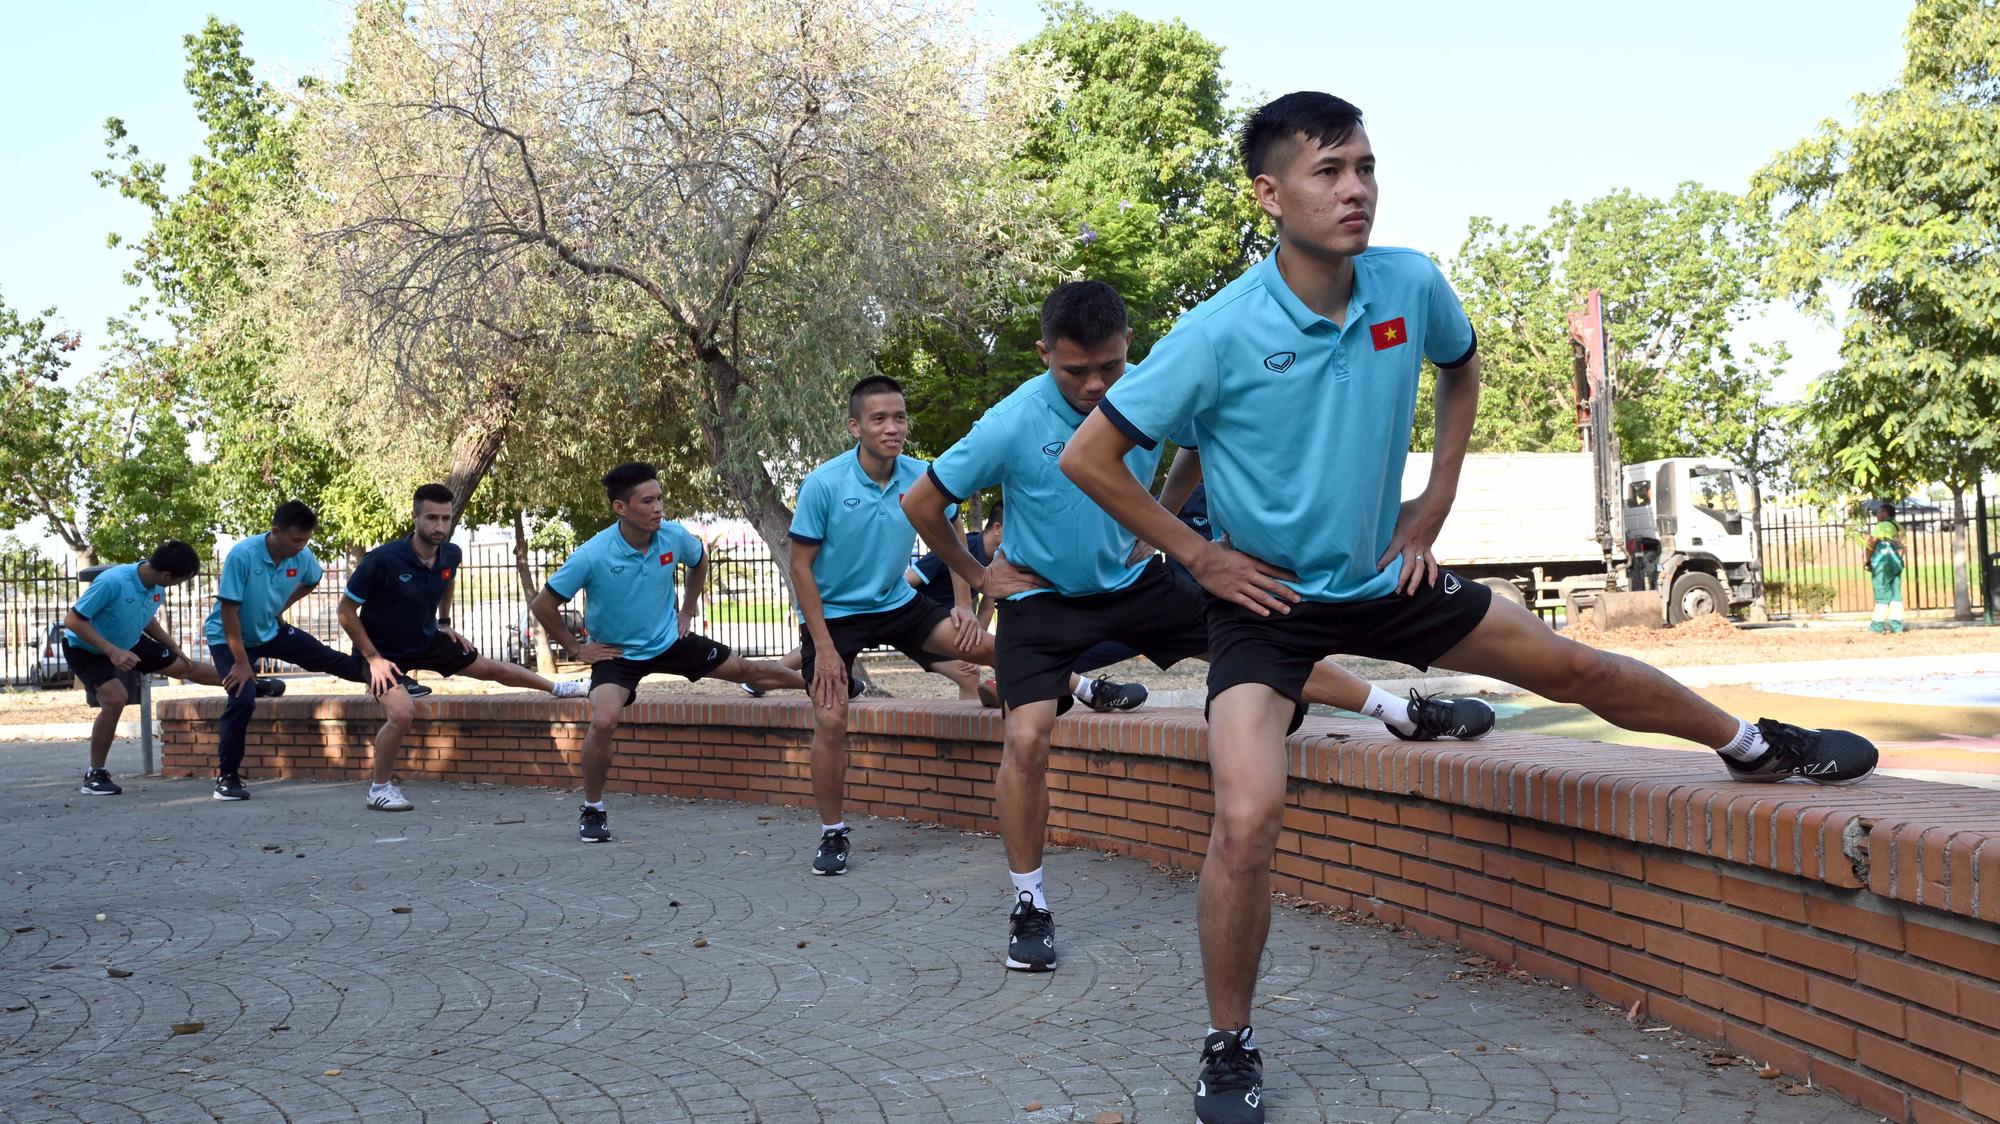 Đội tuyển futsal Việt Nam trong buổi tập đầu tiên tại Tây Ban Nha - Ảnh 5.